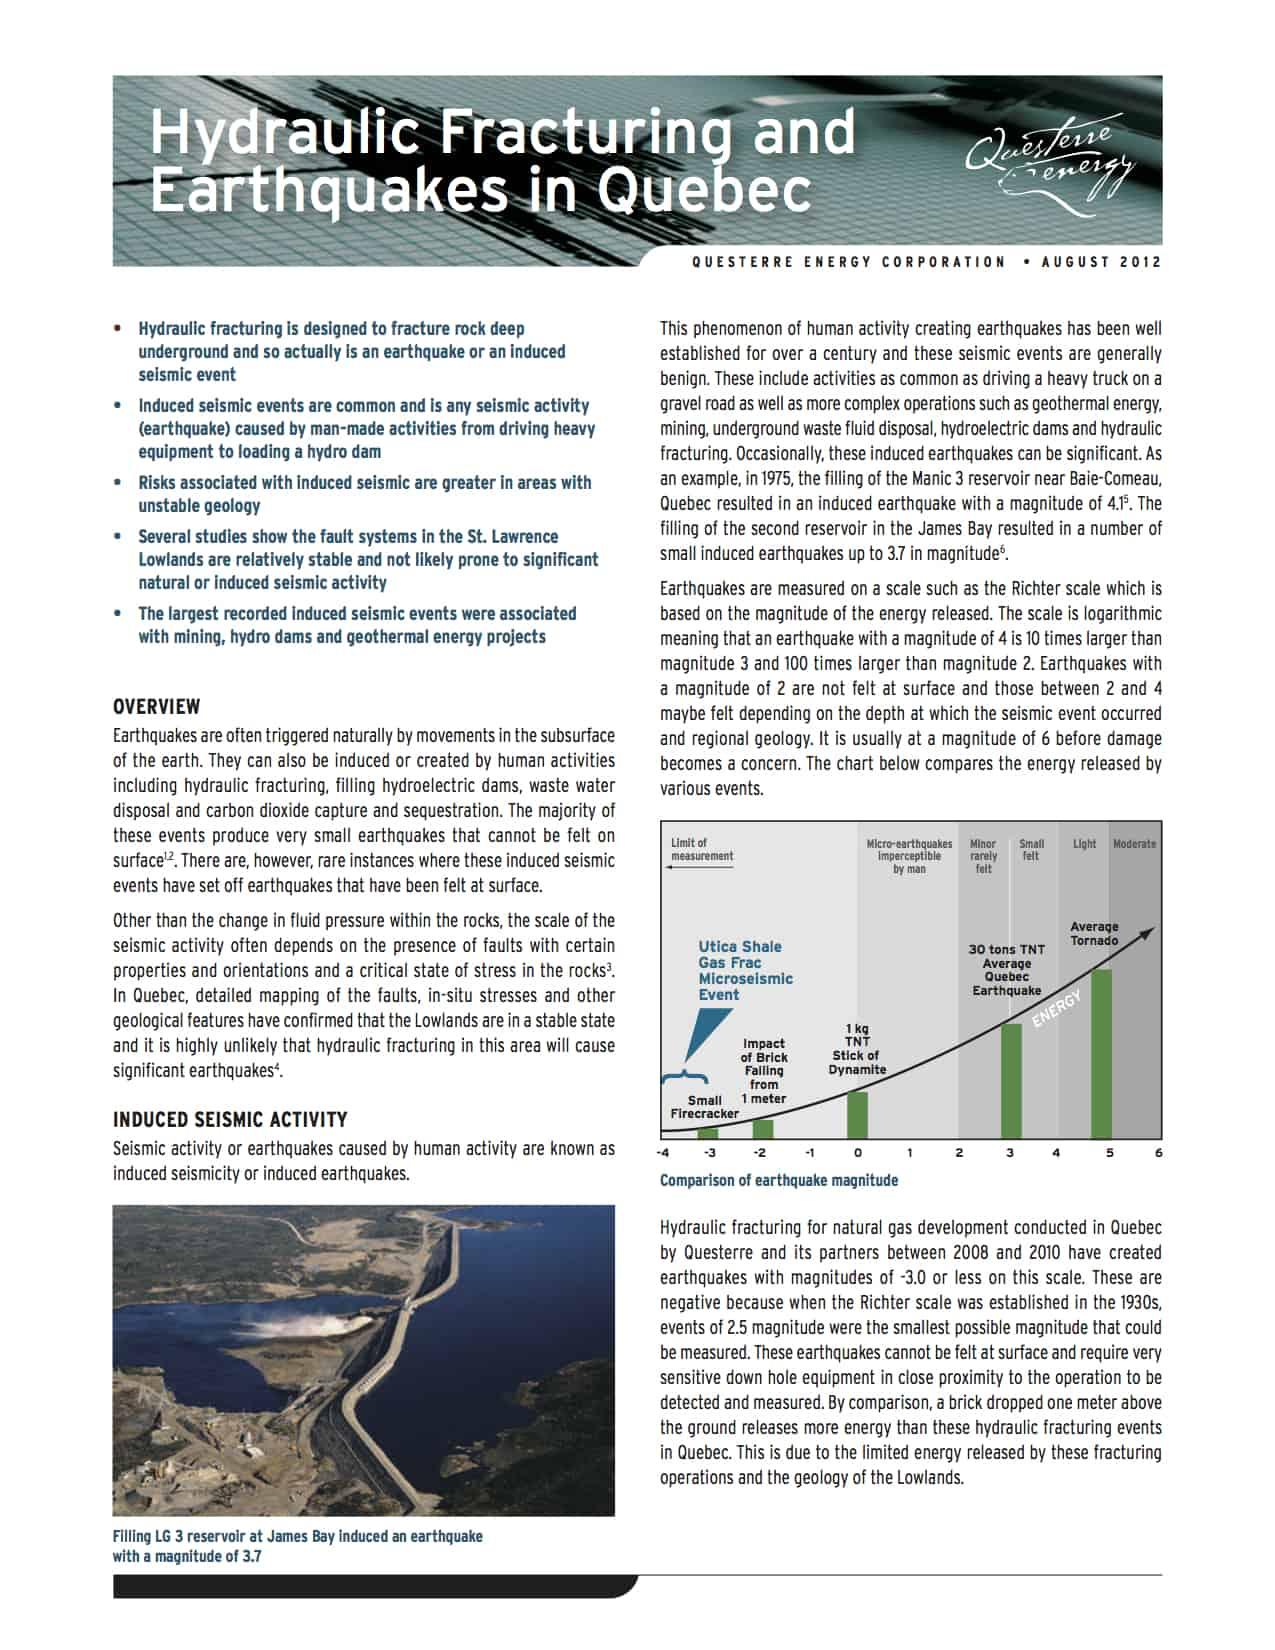 FracQuake_Backgrounder_August_2012_(10)